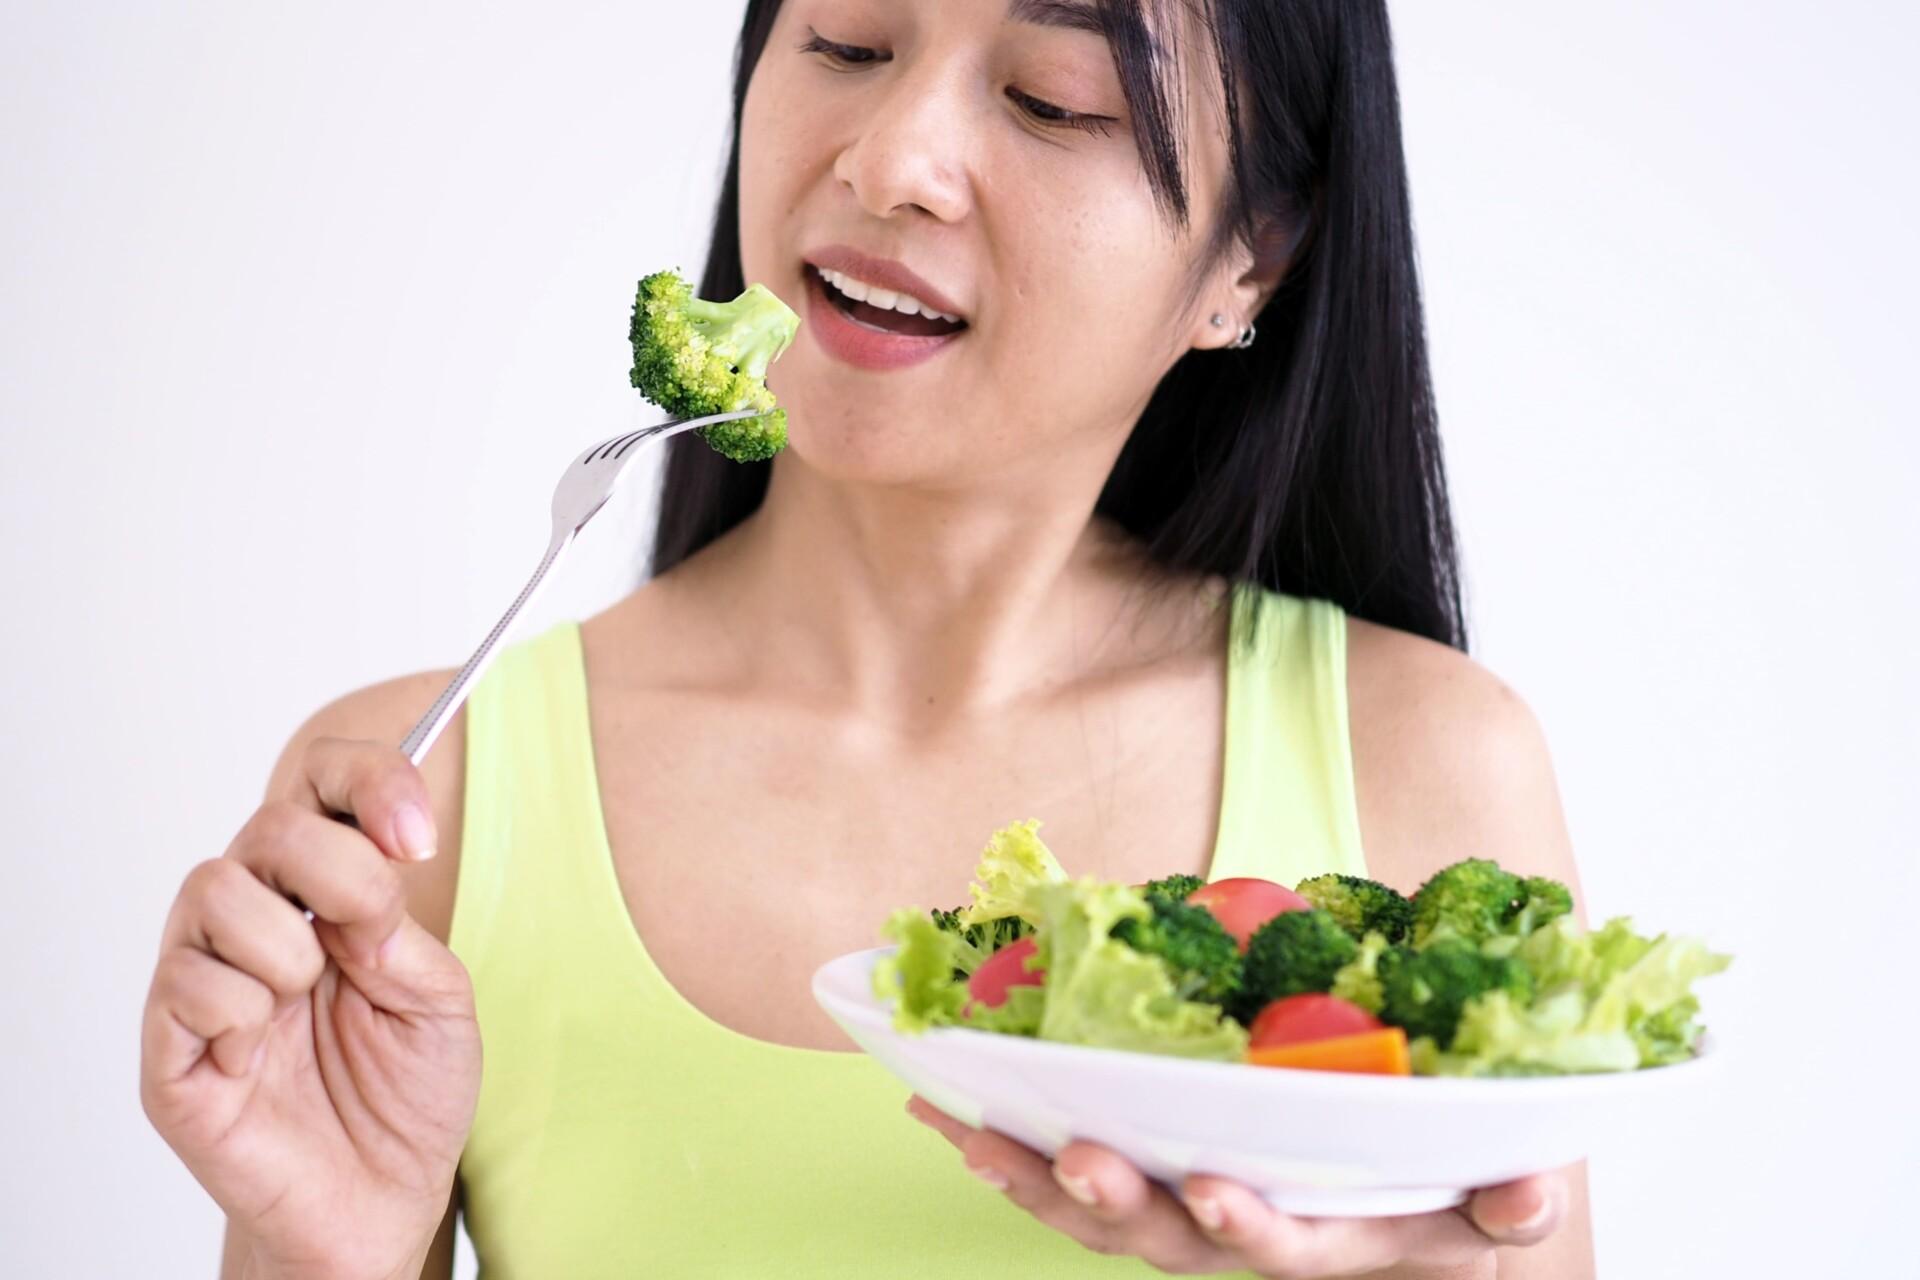 女性がブロッコリーを食べる瞬間